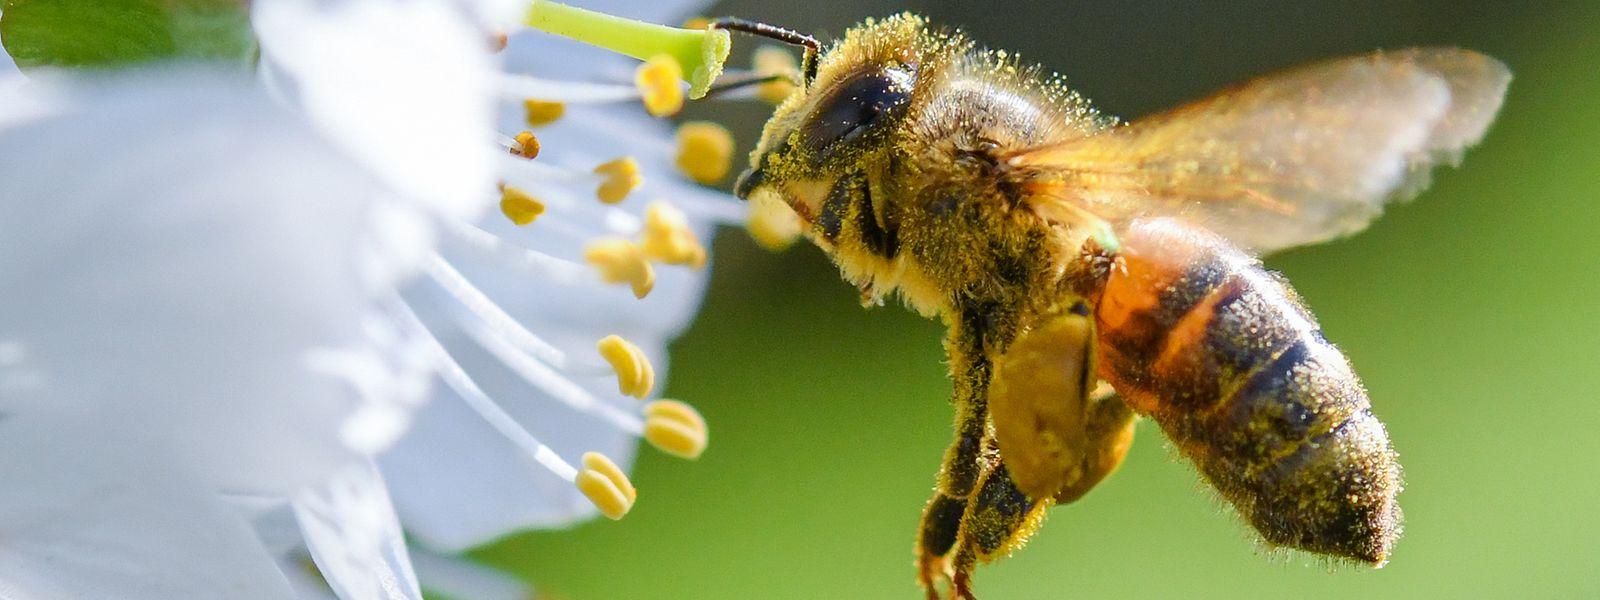 85% des plantes à fleurs sont pollinisées par les abeilles, les papillons et les scarabées